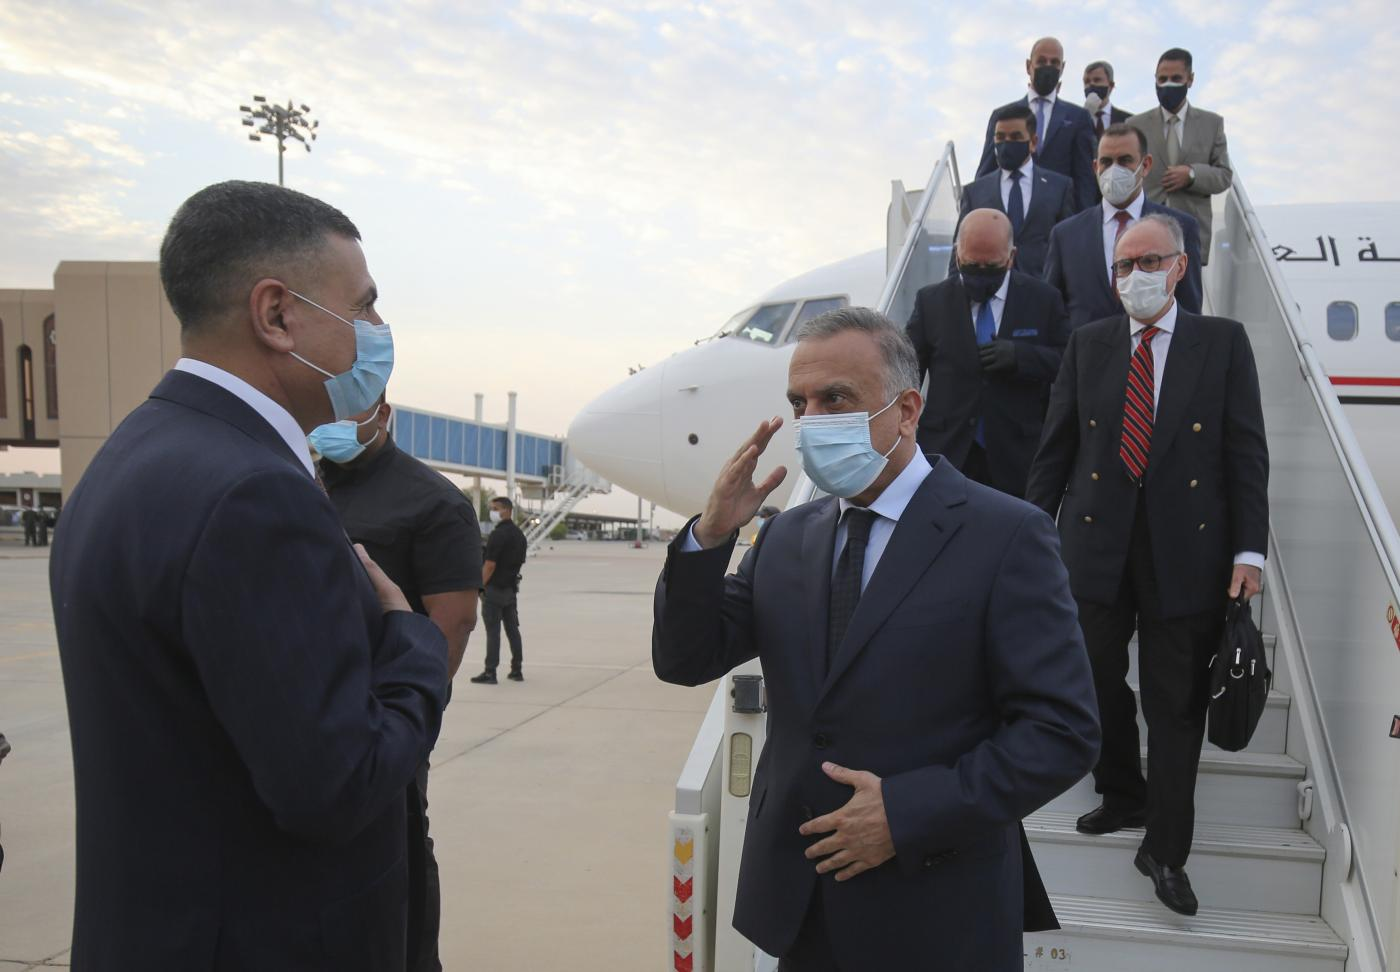 'Man of settlements': Iraq's Kadhimi walks the line in anti-corruption drive 000_1V85SC